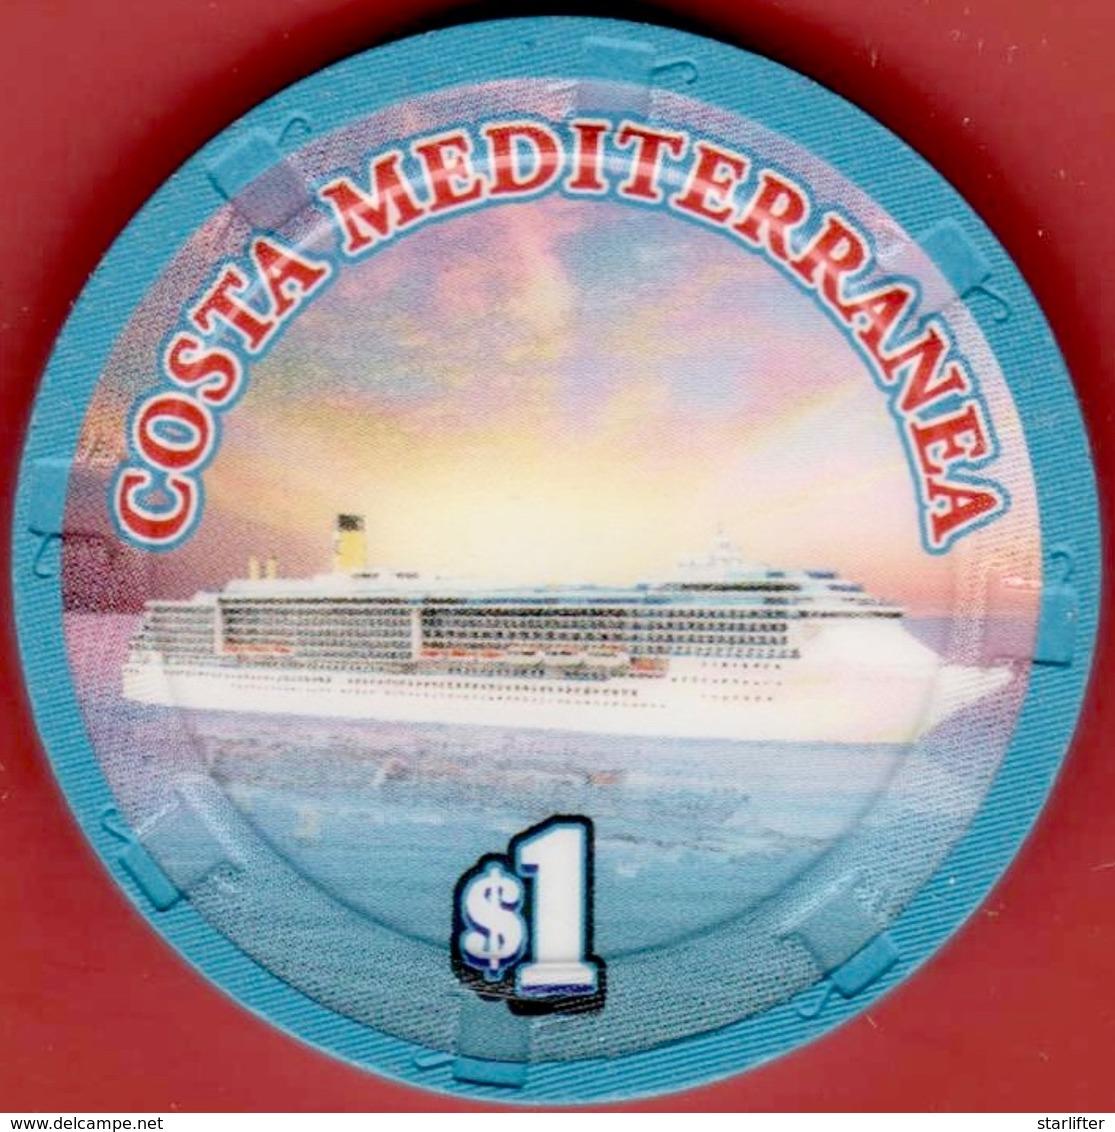 $1 Casino Chip. Costa Mediterranea, Canale Grand Cruise Ship[. K95. - Casino